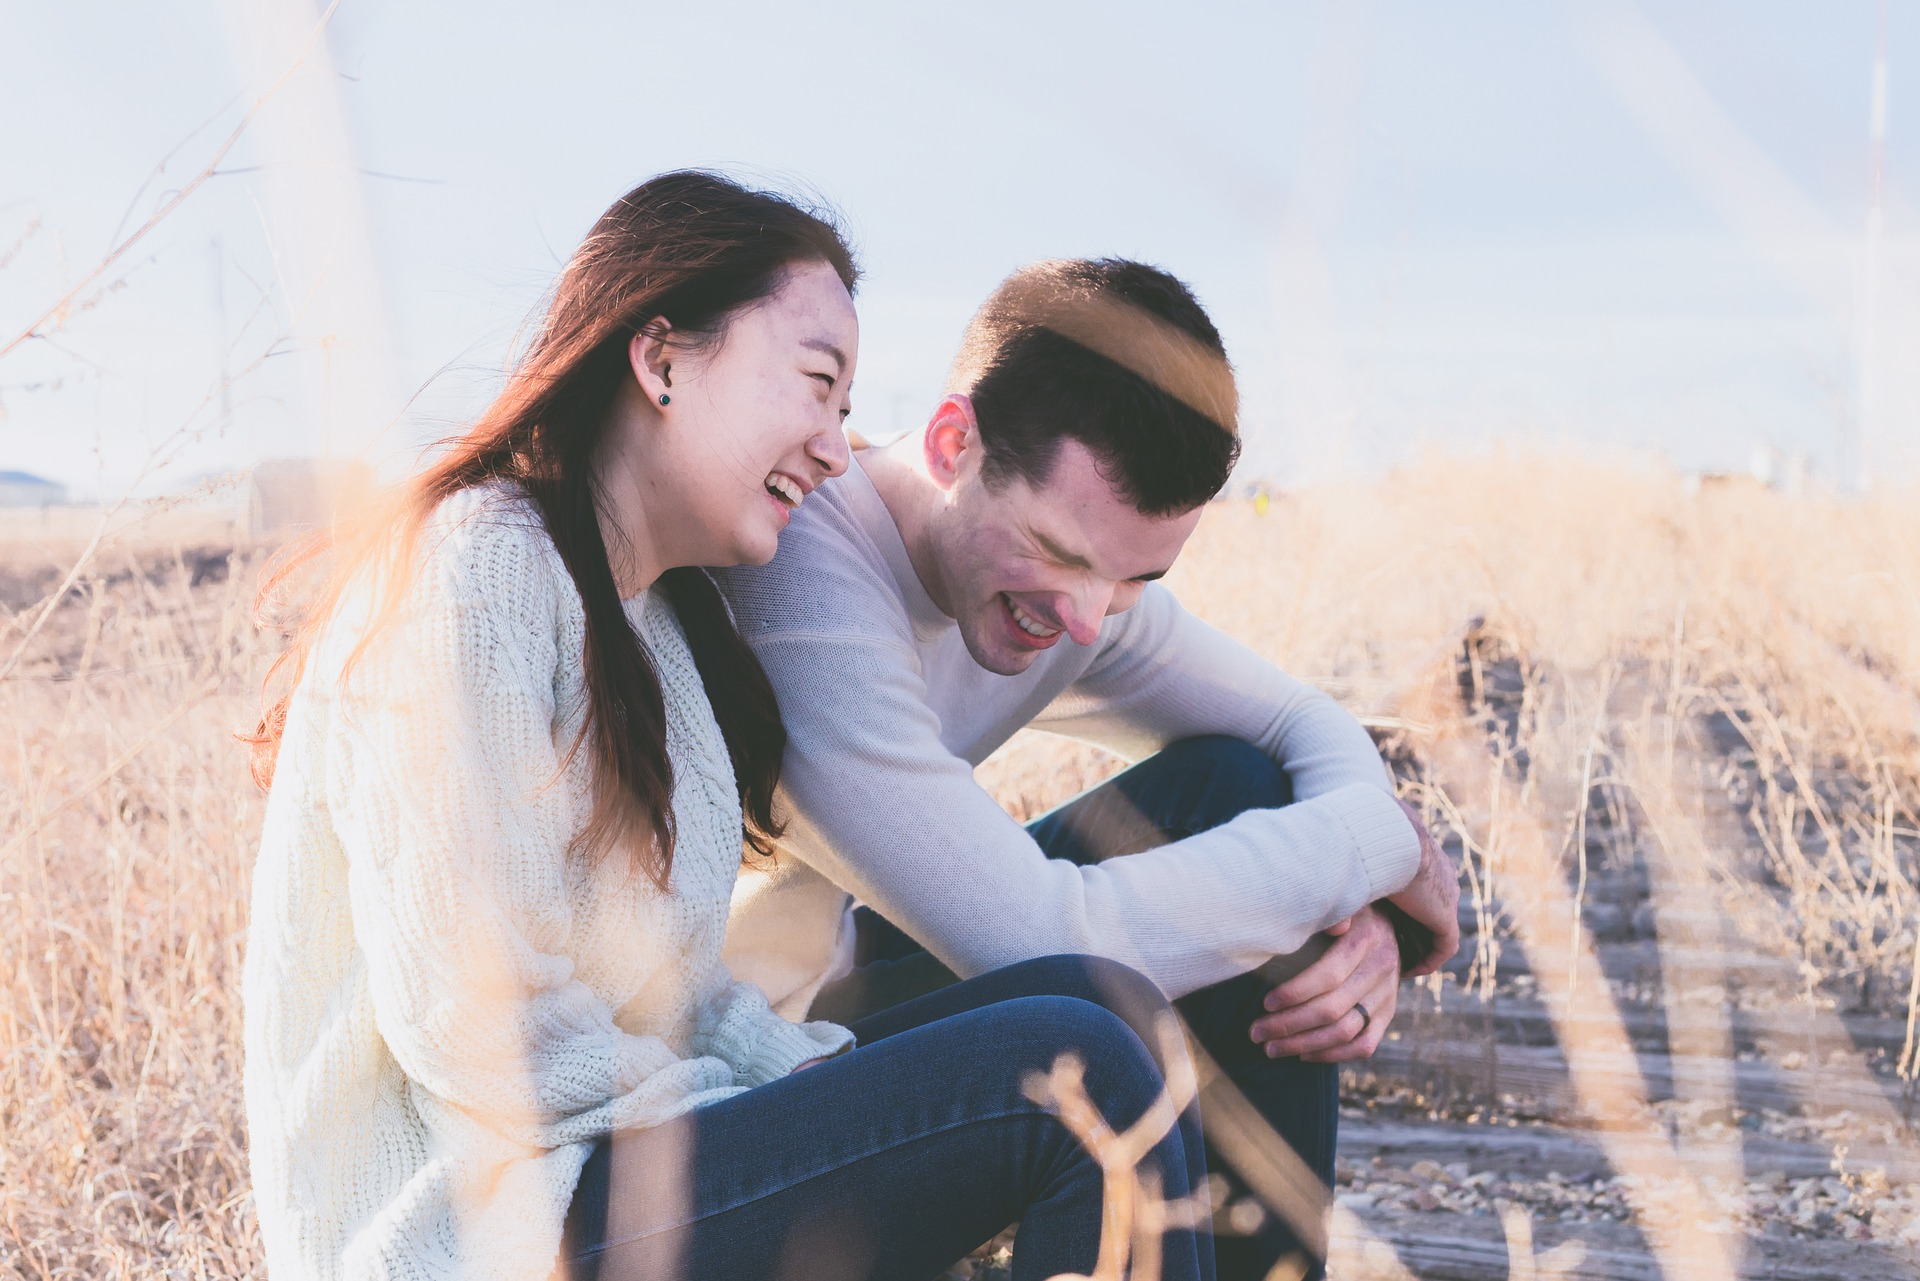 幸せそうなカップルの画像